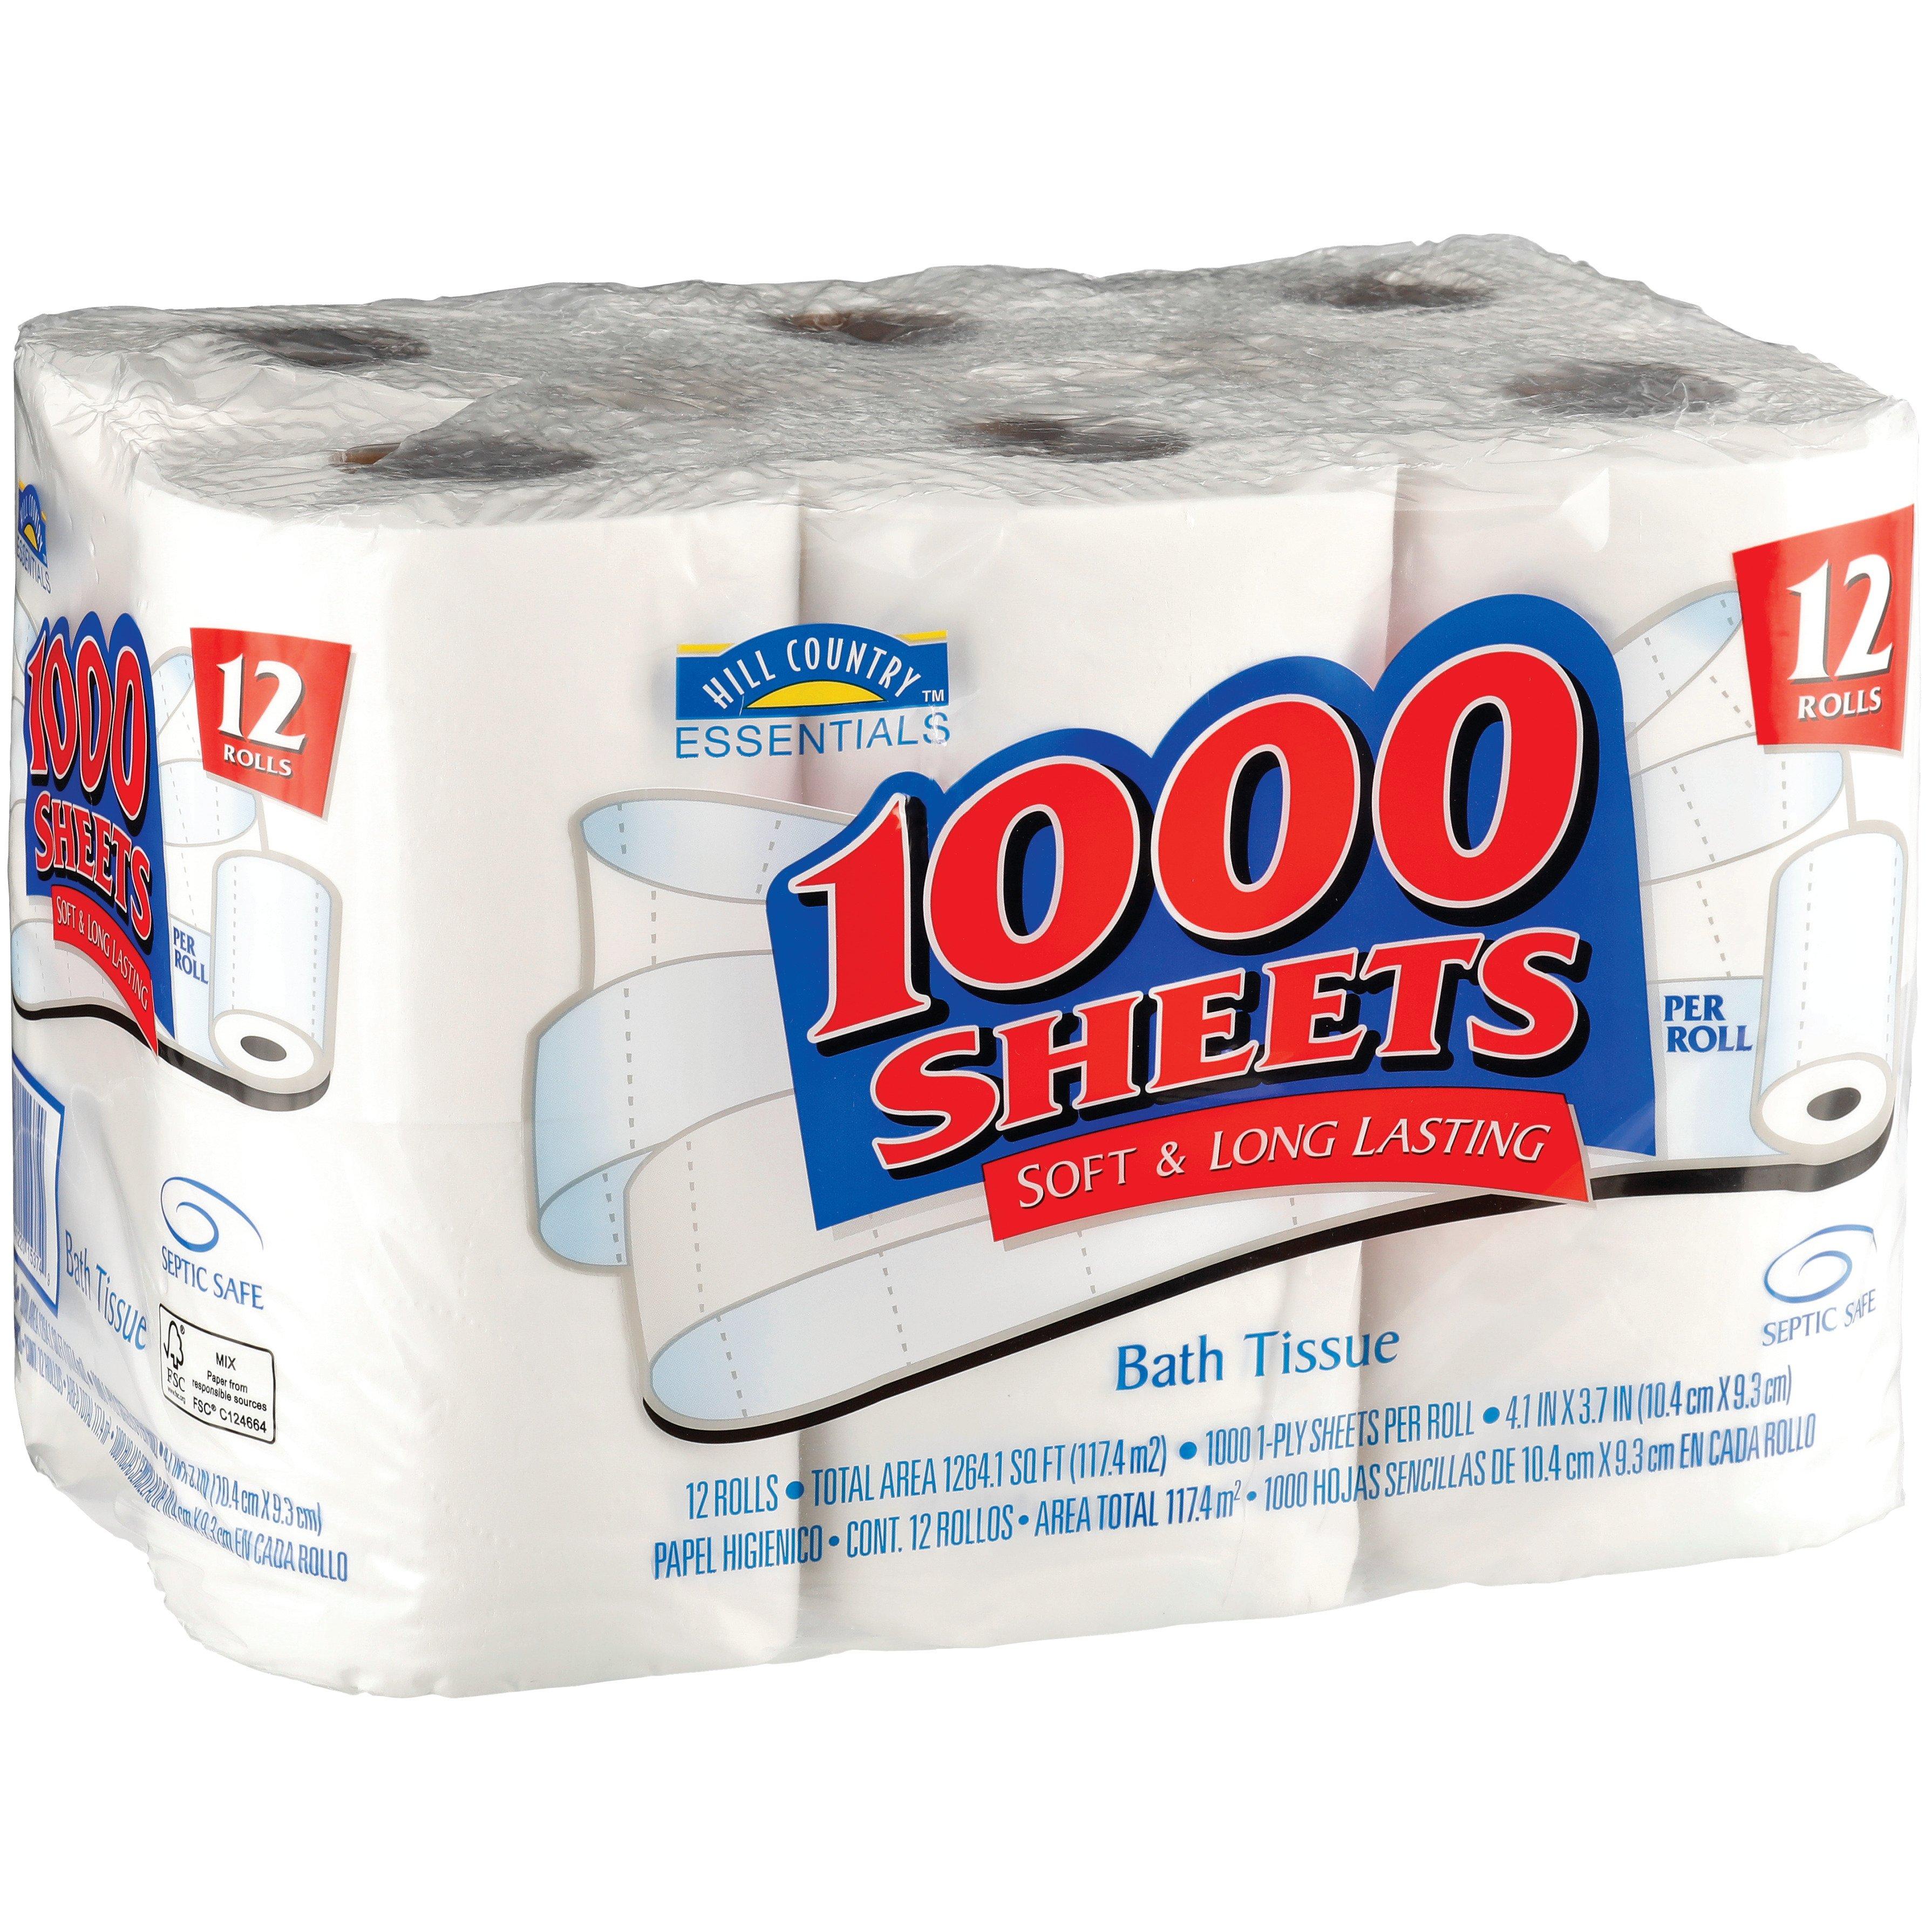 Hill Country Essentials 1000 Sheets Bath Tissue ‑ Shop Bath Tissue ...